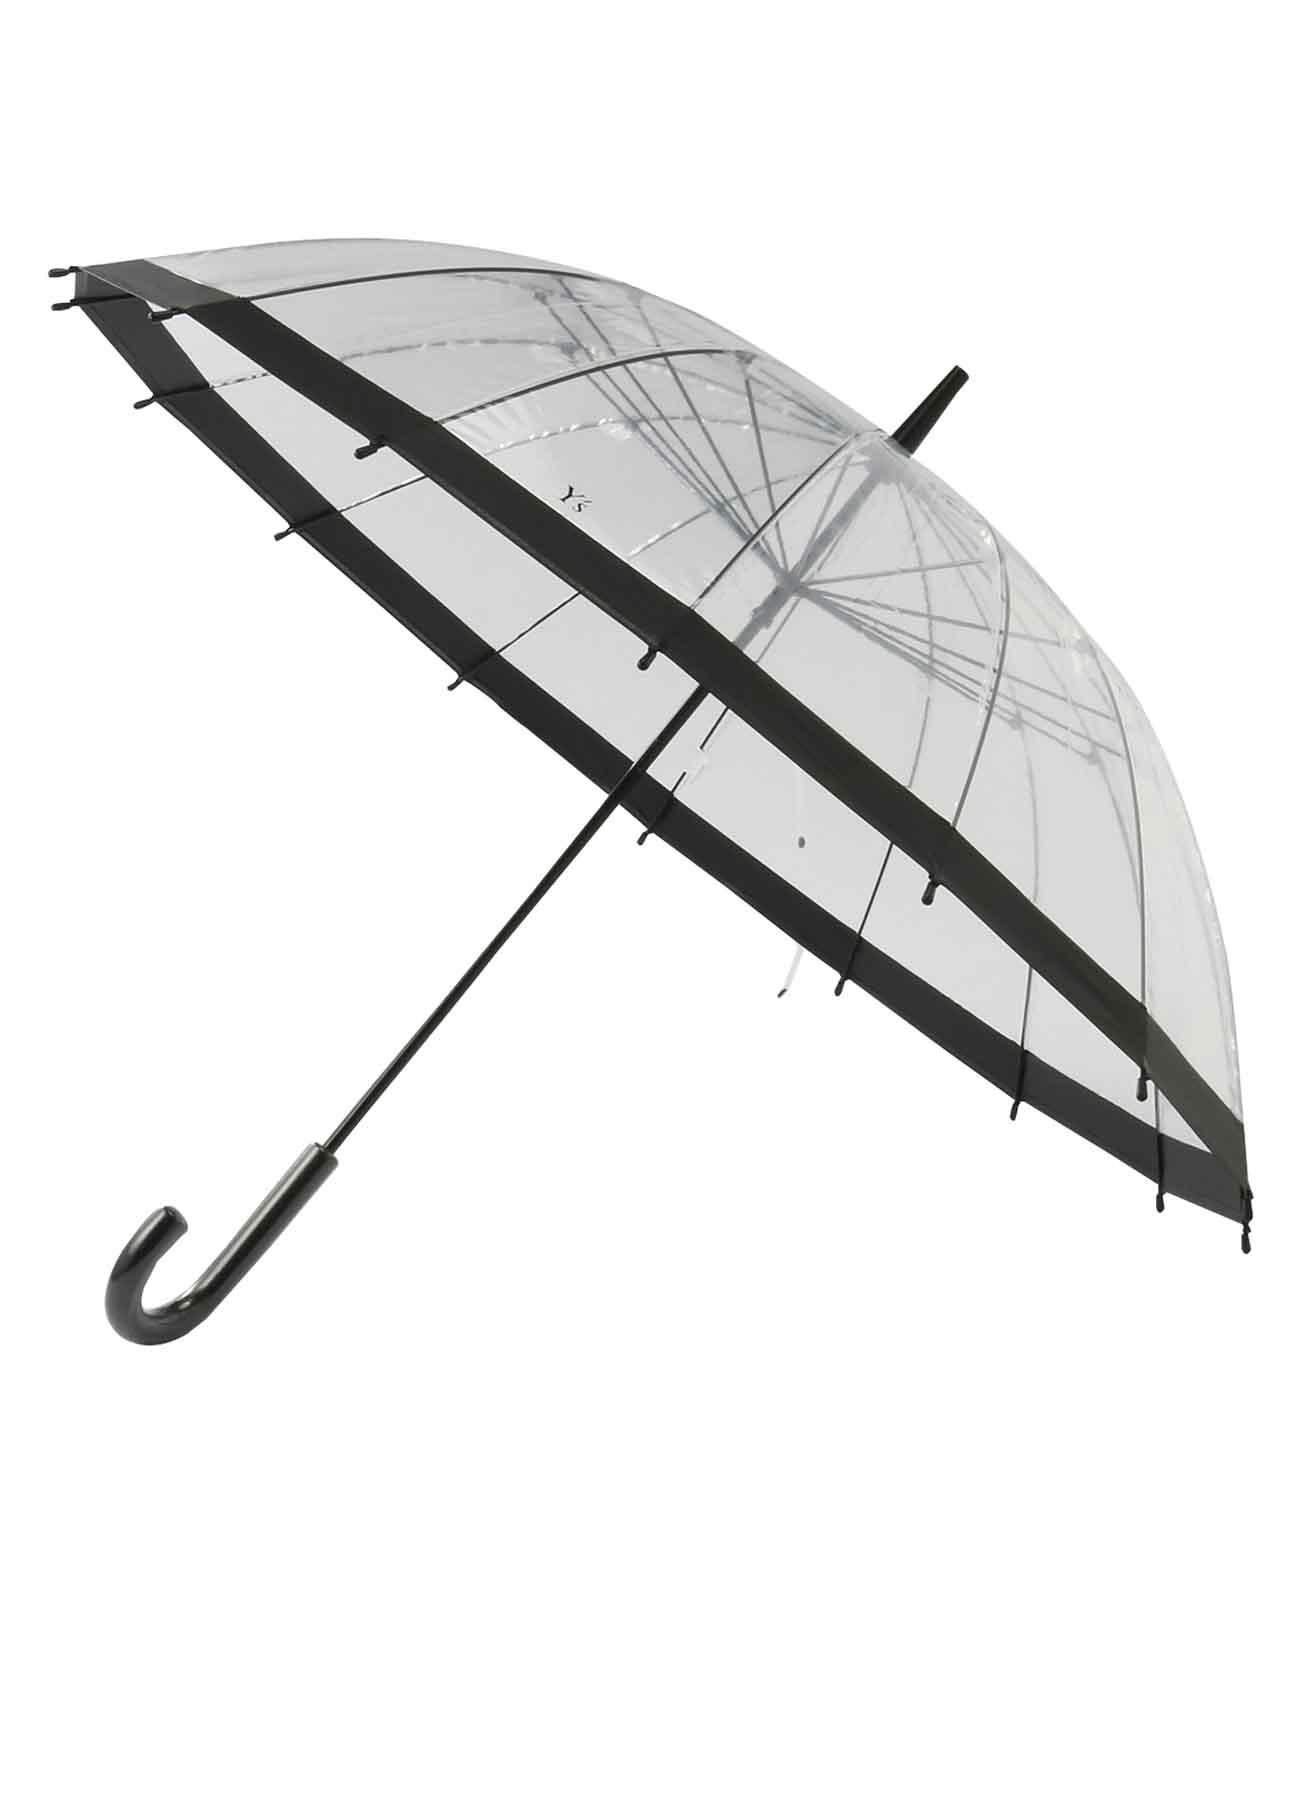 16骨 Y'sロゴビニール傘